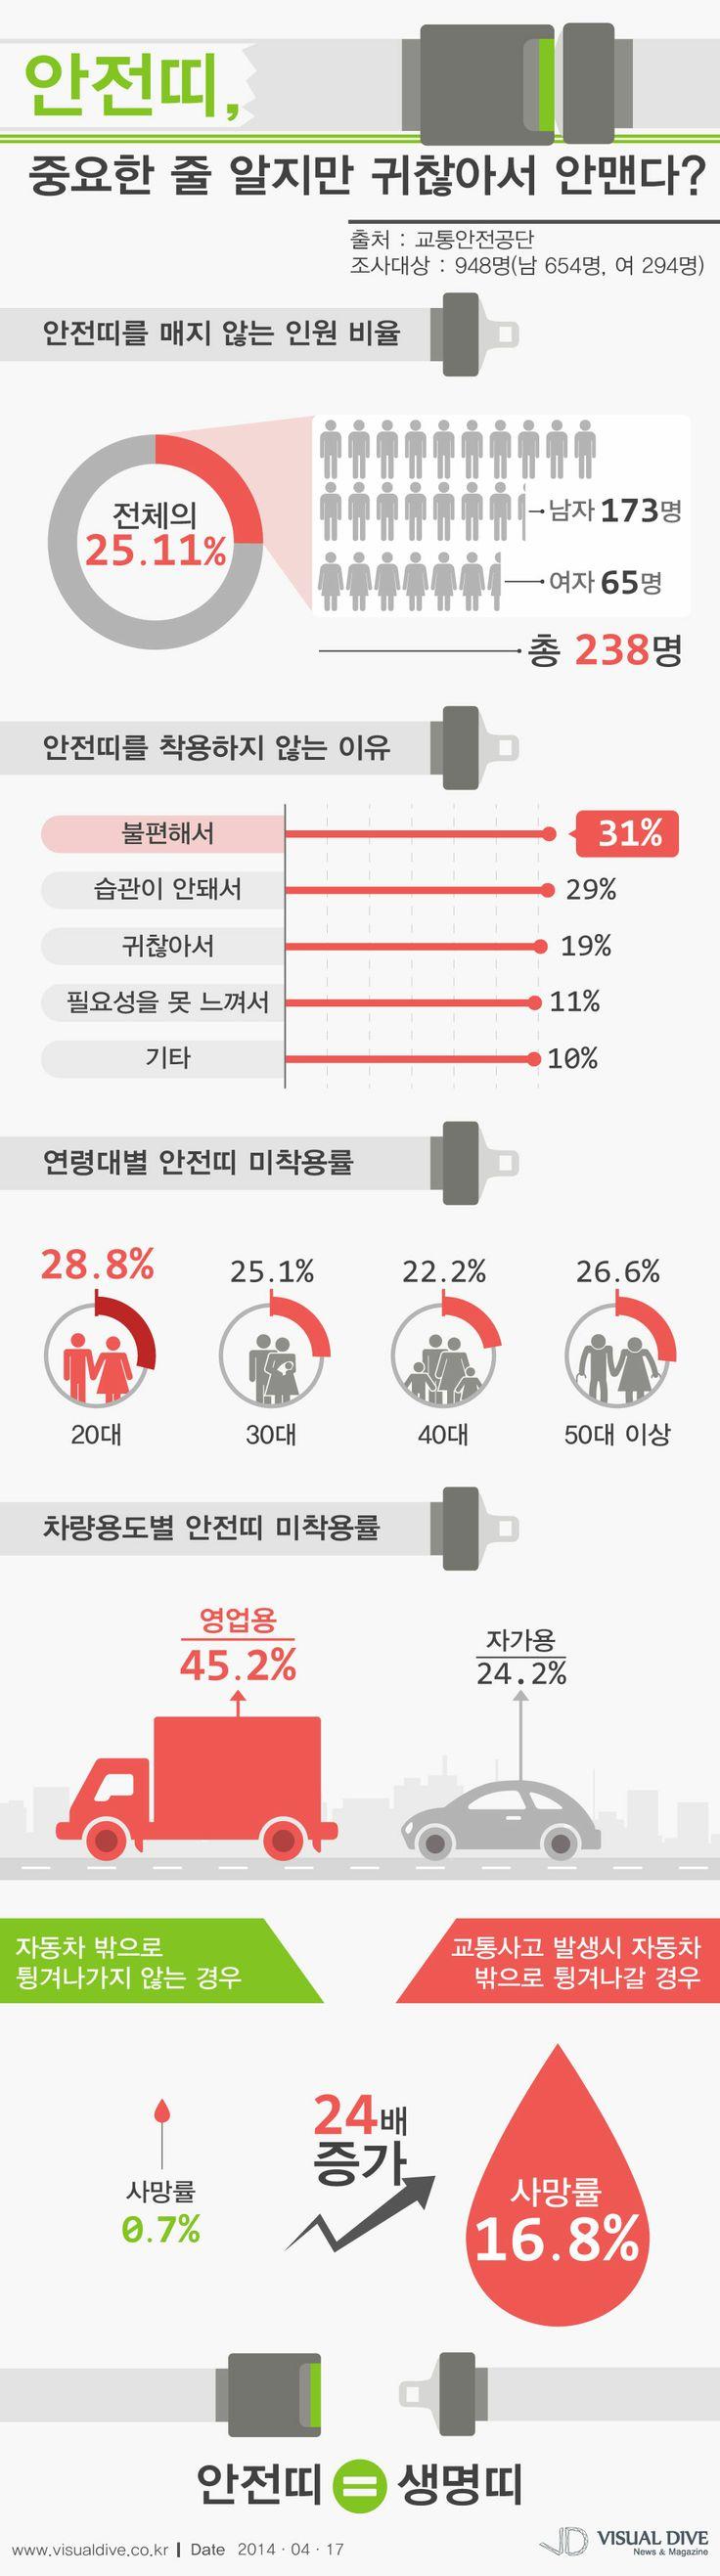 운전자 25%, 운전시 안전띠 미착용…20대 가장 많아 [인포그래픽]  #driving  #Infographic ⓒ 비주얼다이브 무단 복사·전재·재배포